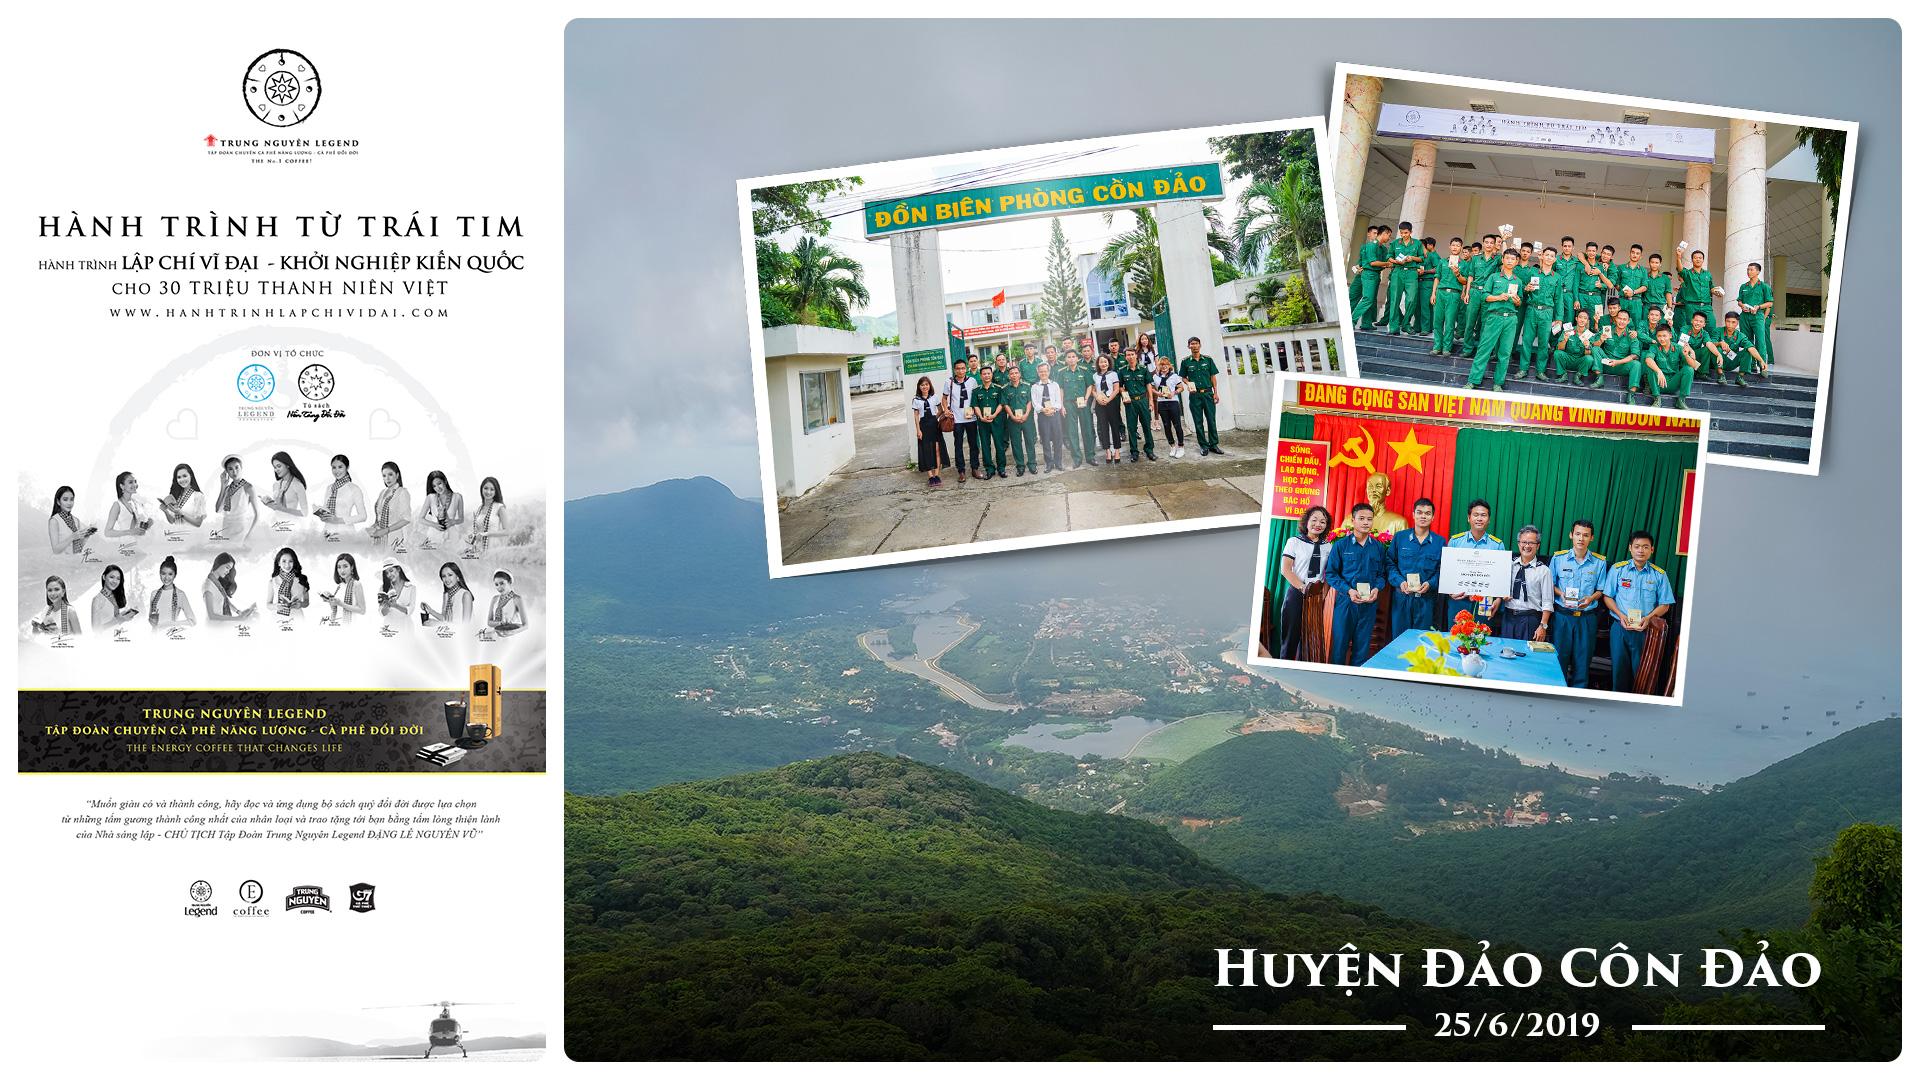 Hành trình Từ Trái Tim mang sách quý đến với Côn Đảo